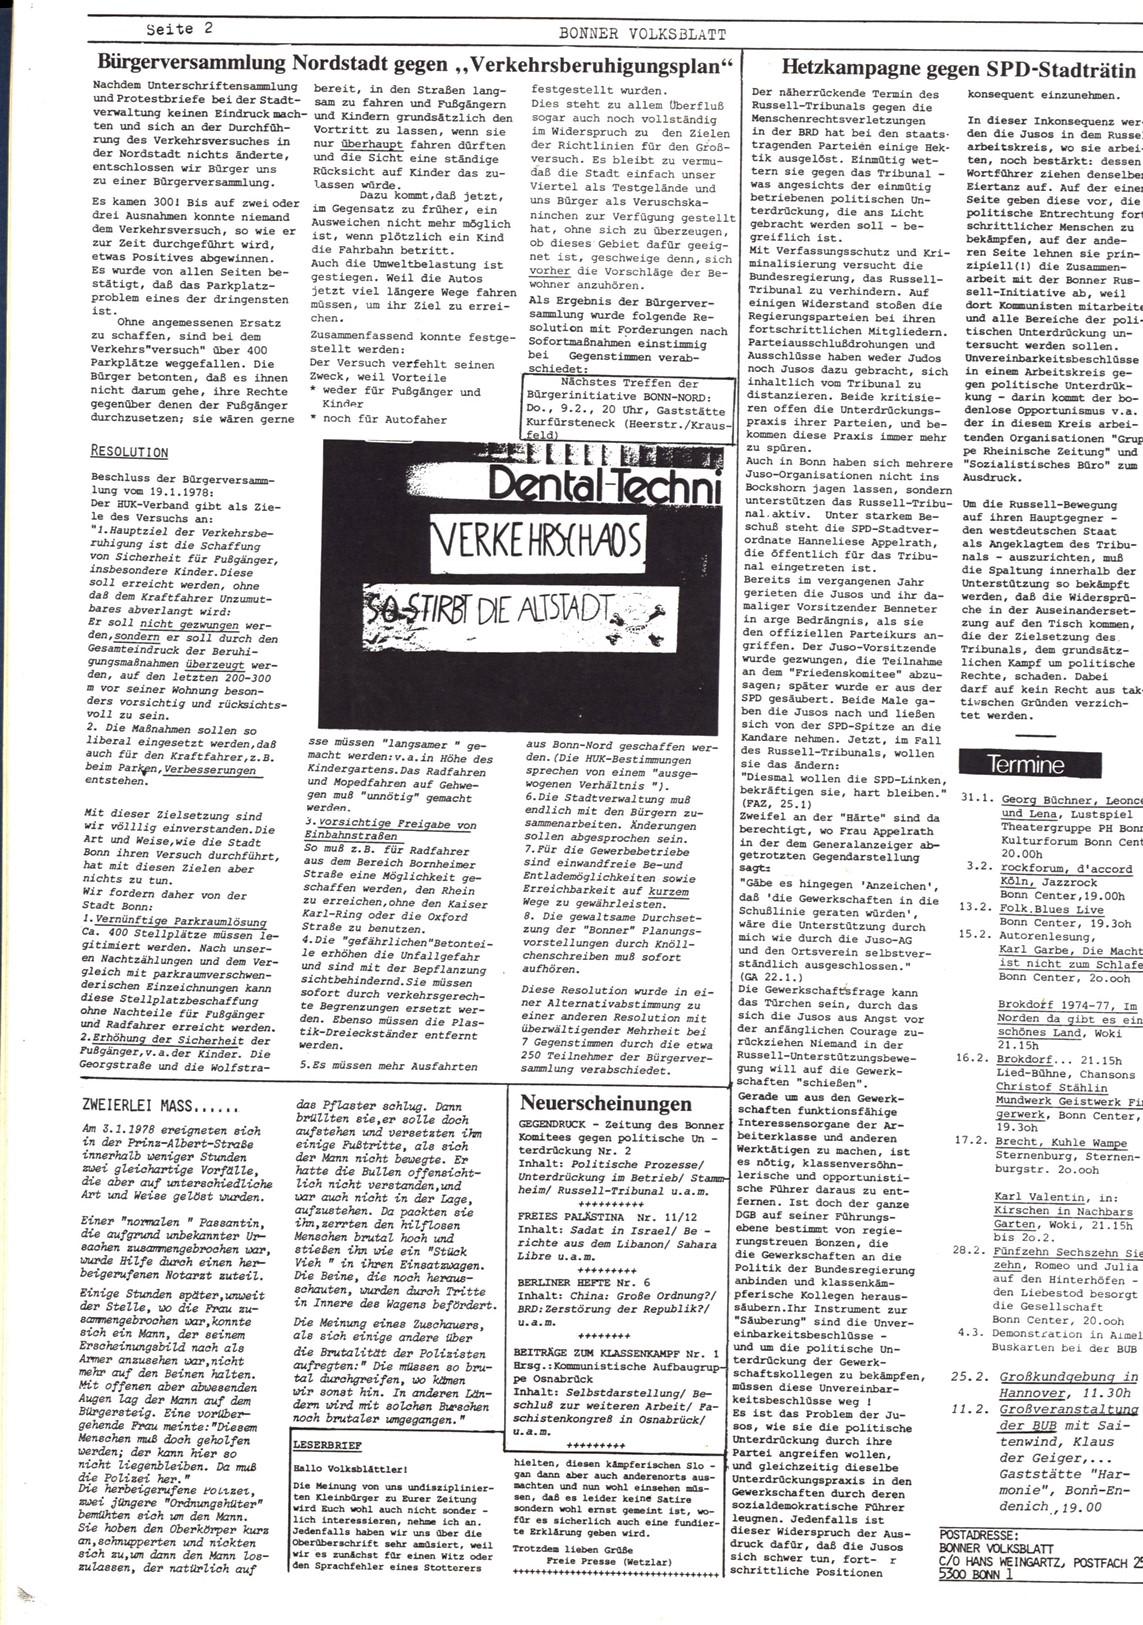 Bonner_Volksblatt_09_19780131_02